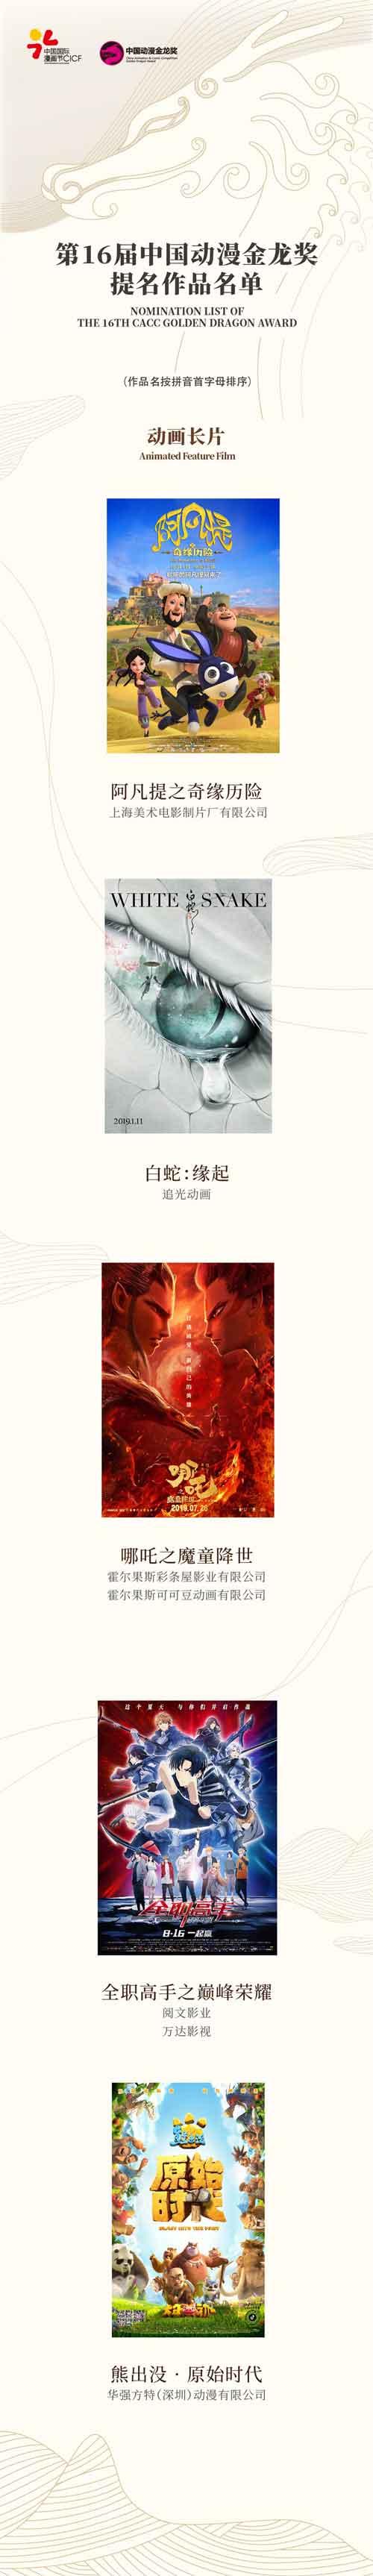 第16届中国动漫金龙奖提名名单揭晓! 原创专区-第1张